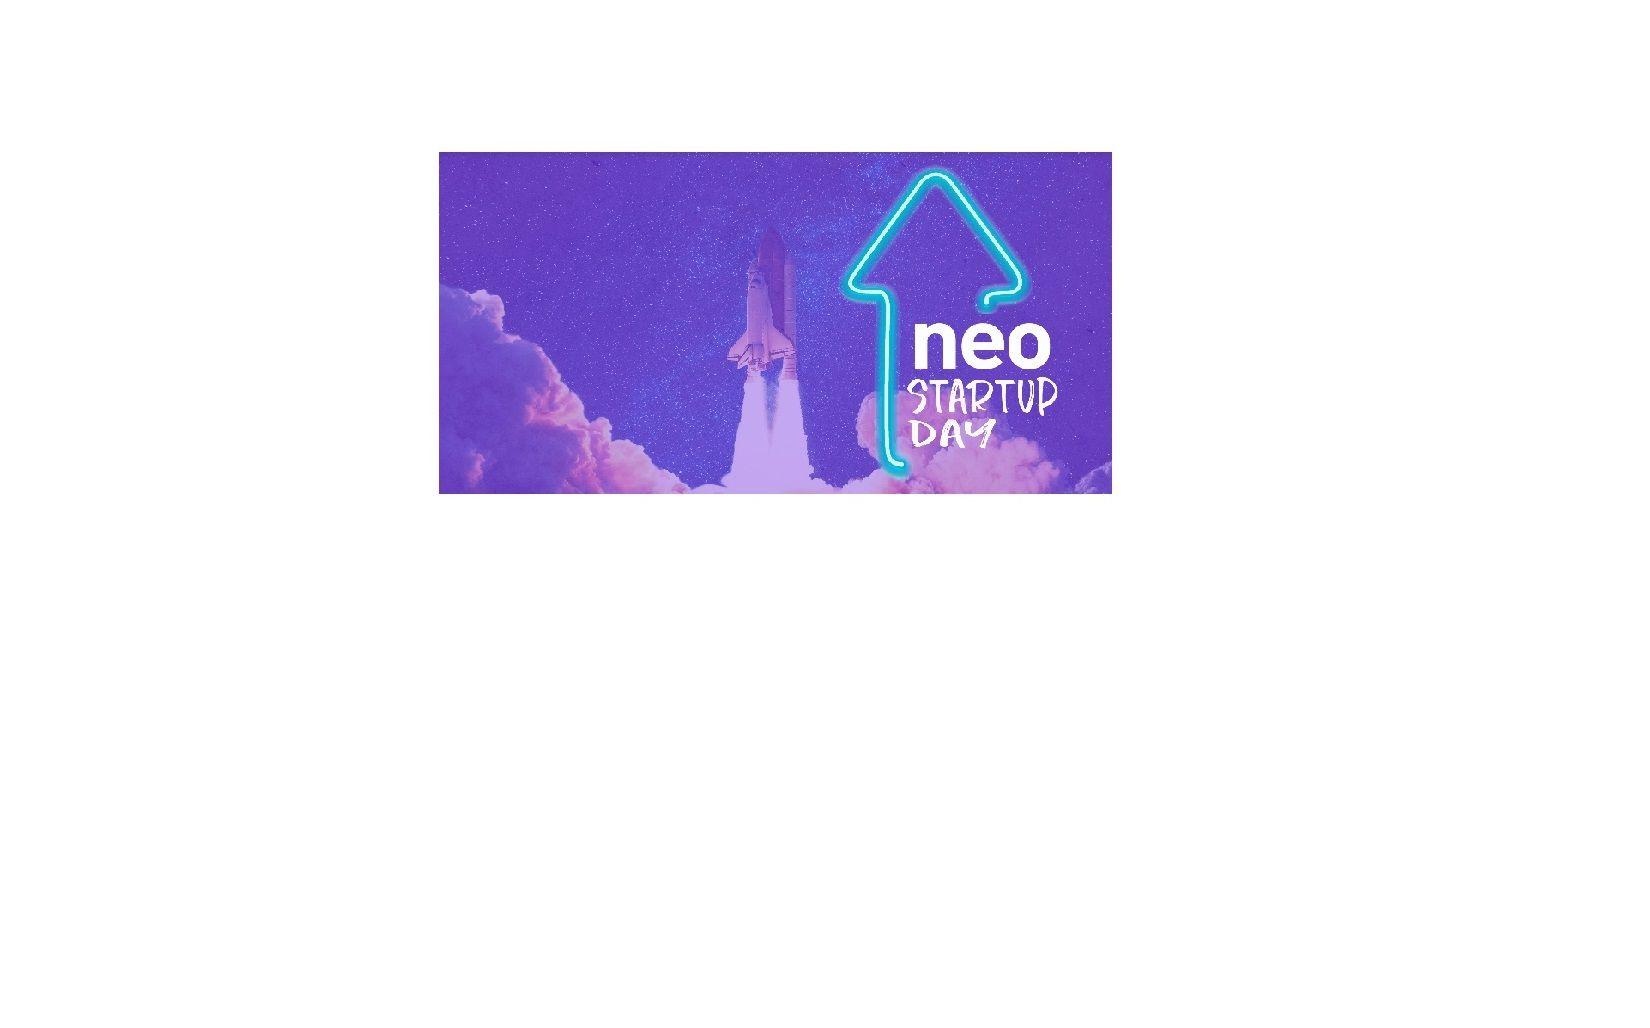 Neo Startup Day: iniciativa continua a dar frutos um ano depois